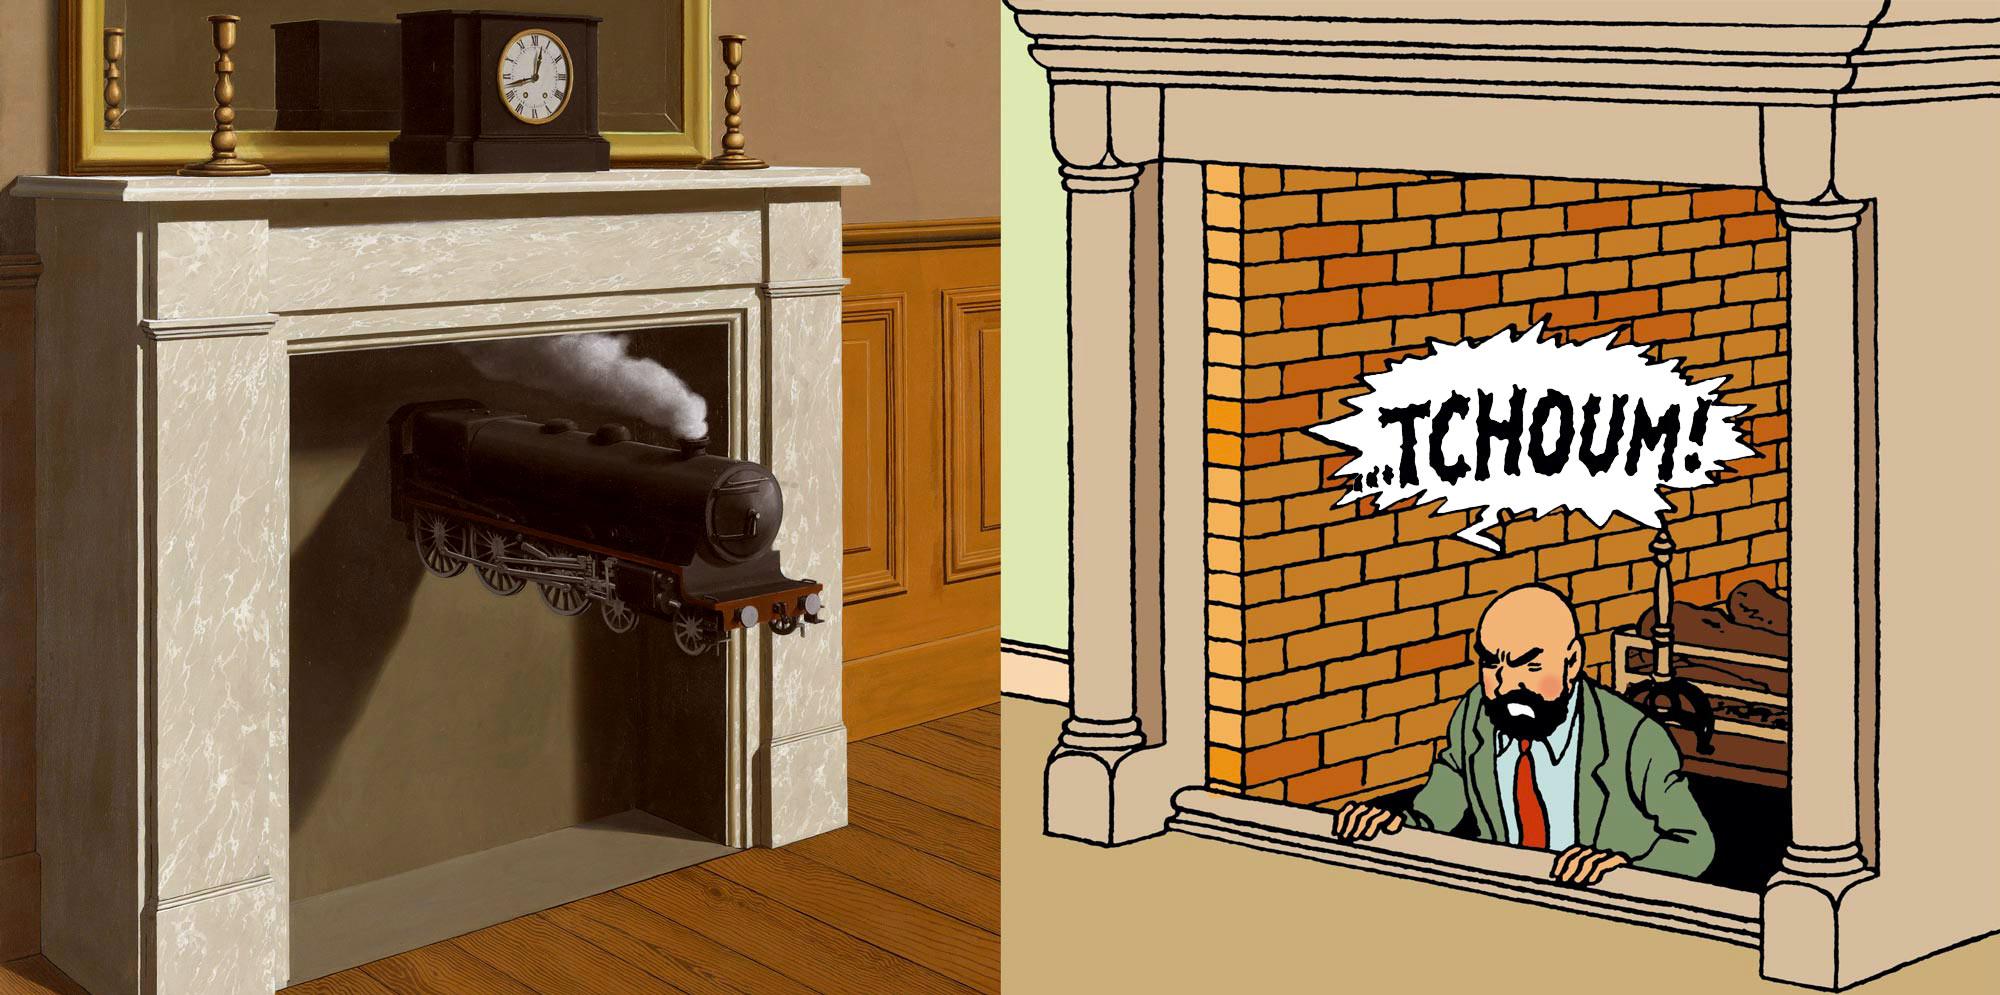 La Durée Poignardée et Müller sort de la cheminée dans Tintin au pays de l'or noir